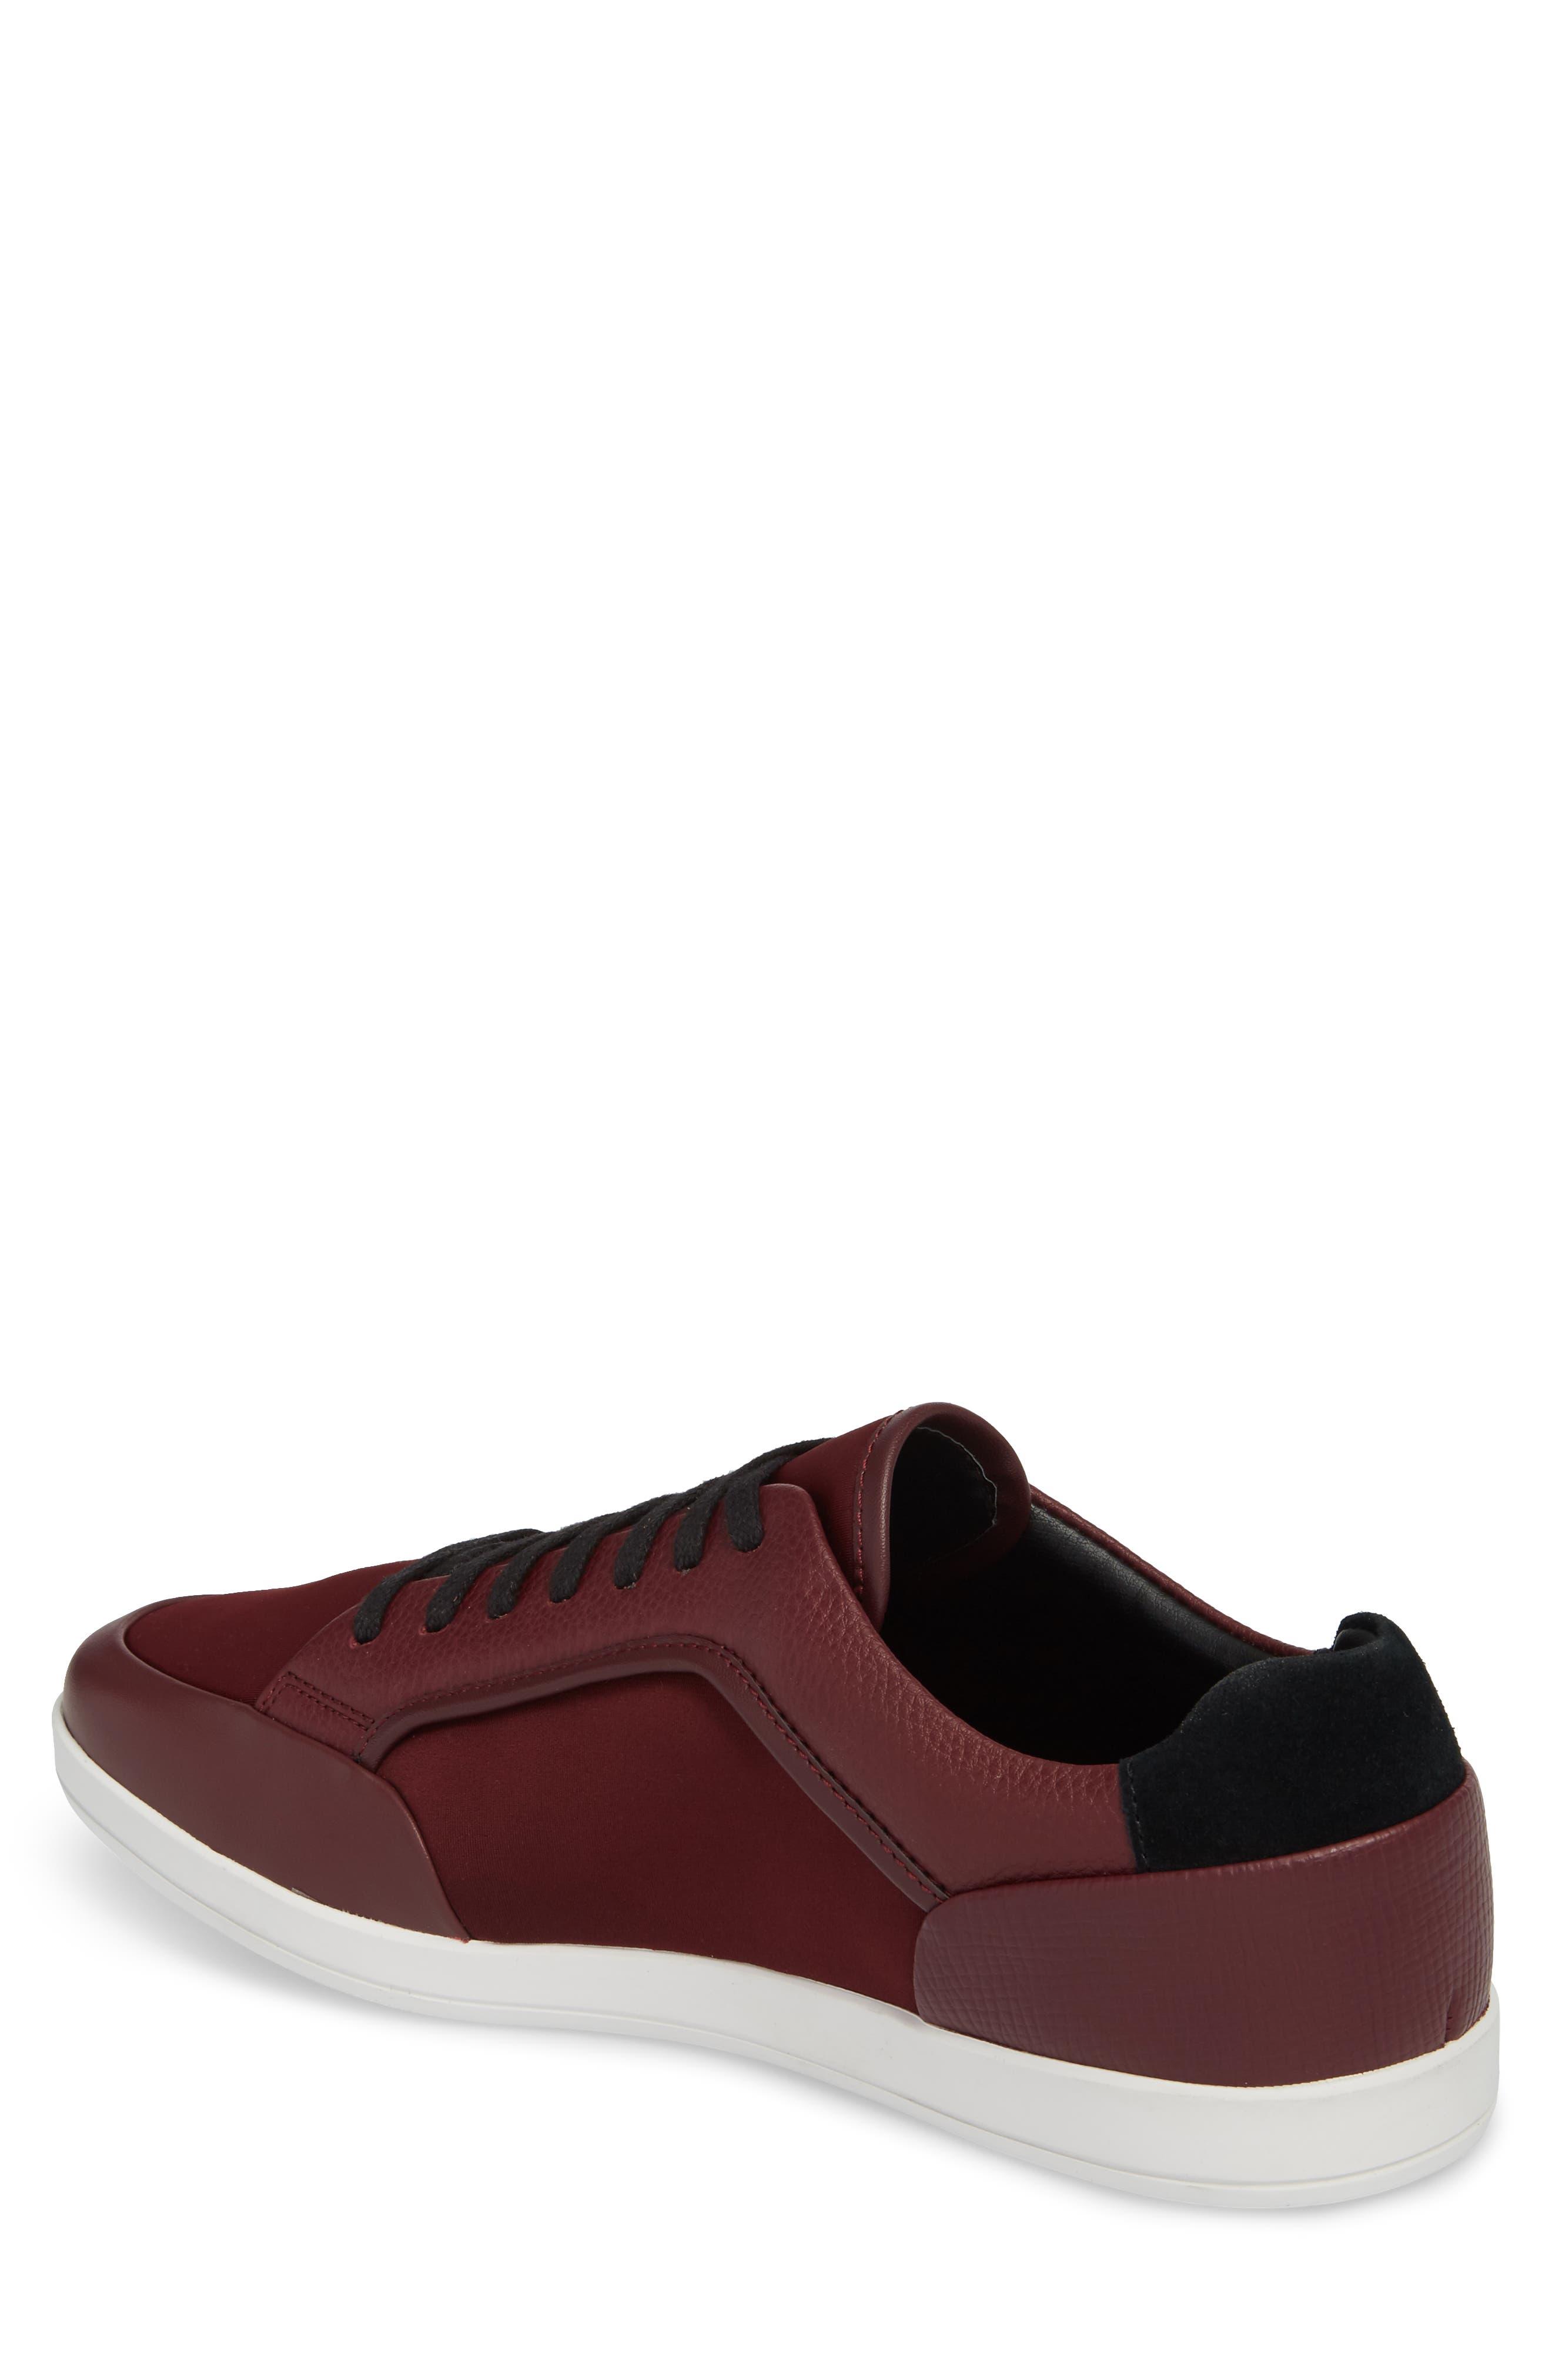 Masen Sneaker,                             Alternate thumbnail 10, color,